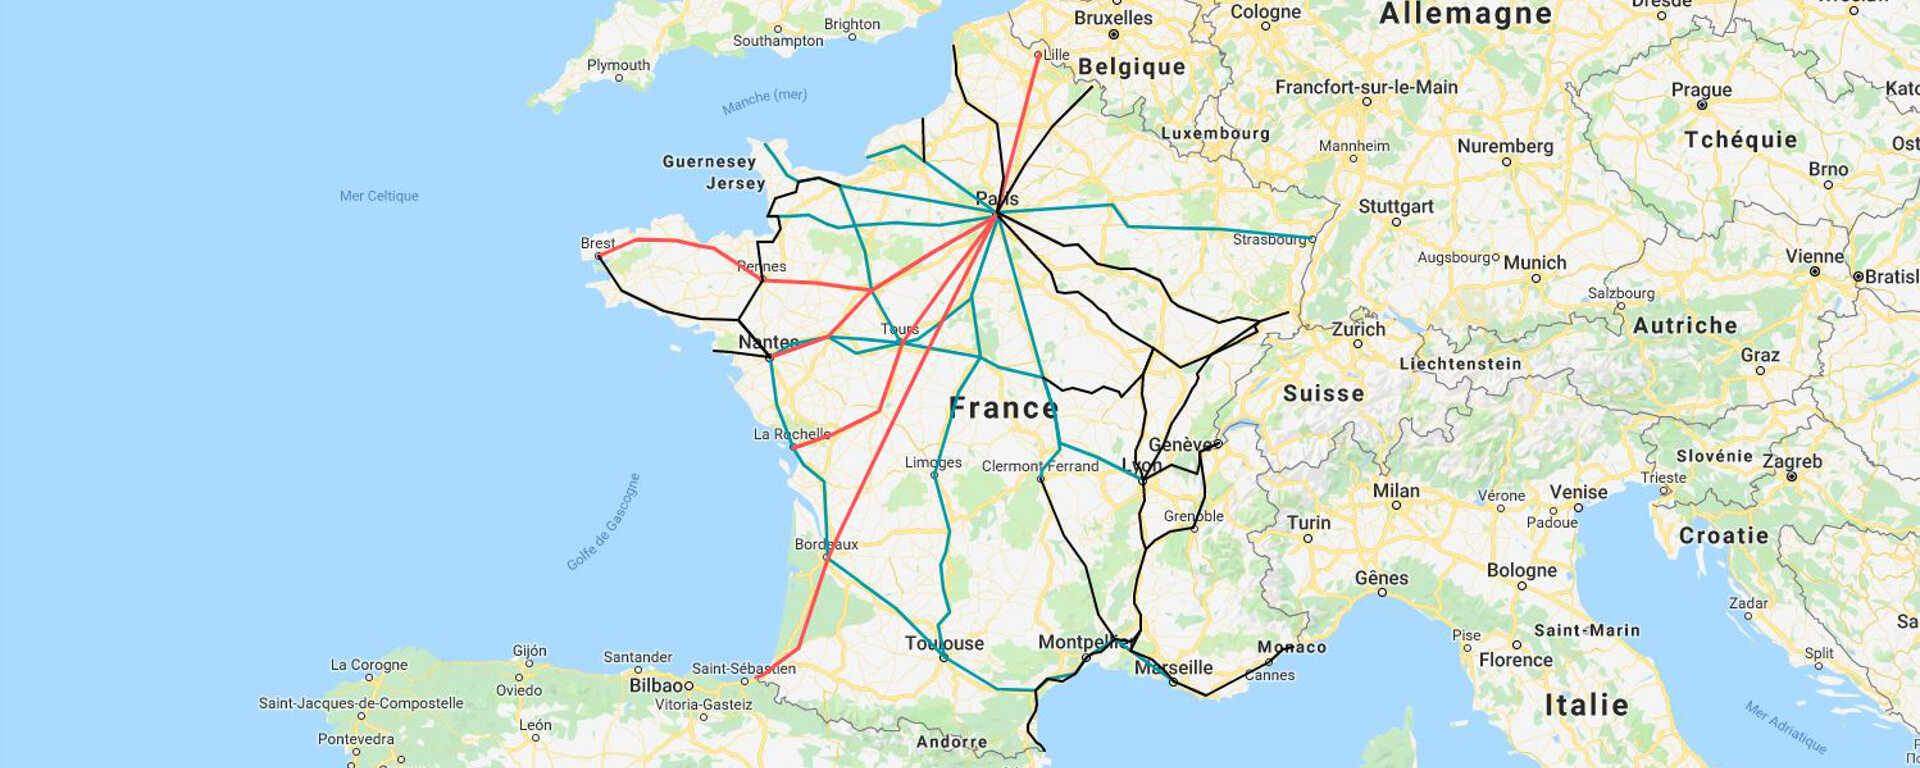 Fahrradmitnahme in den französischen Zügen